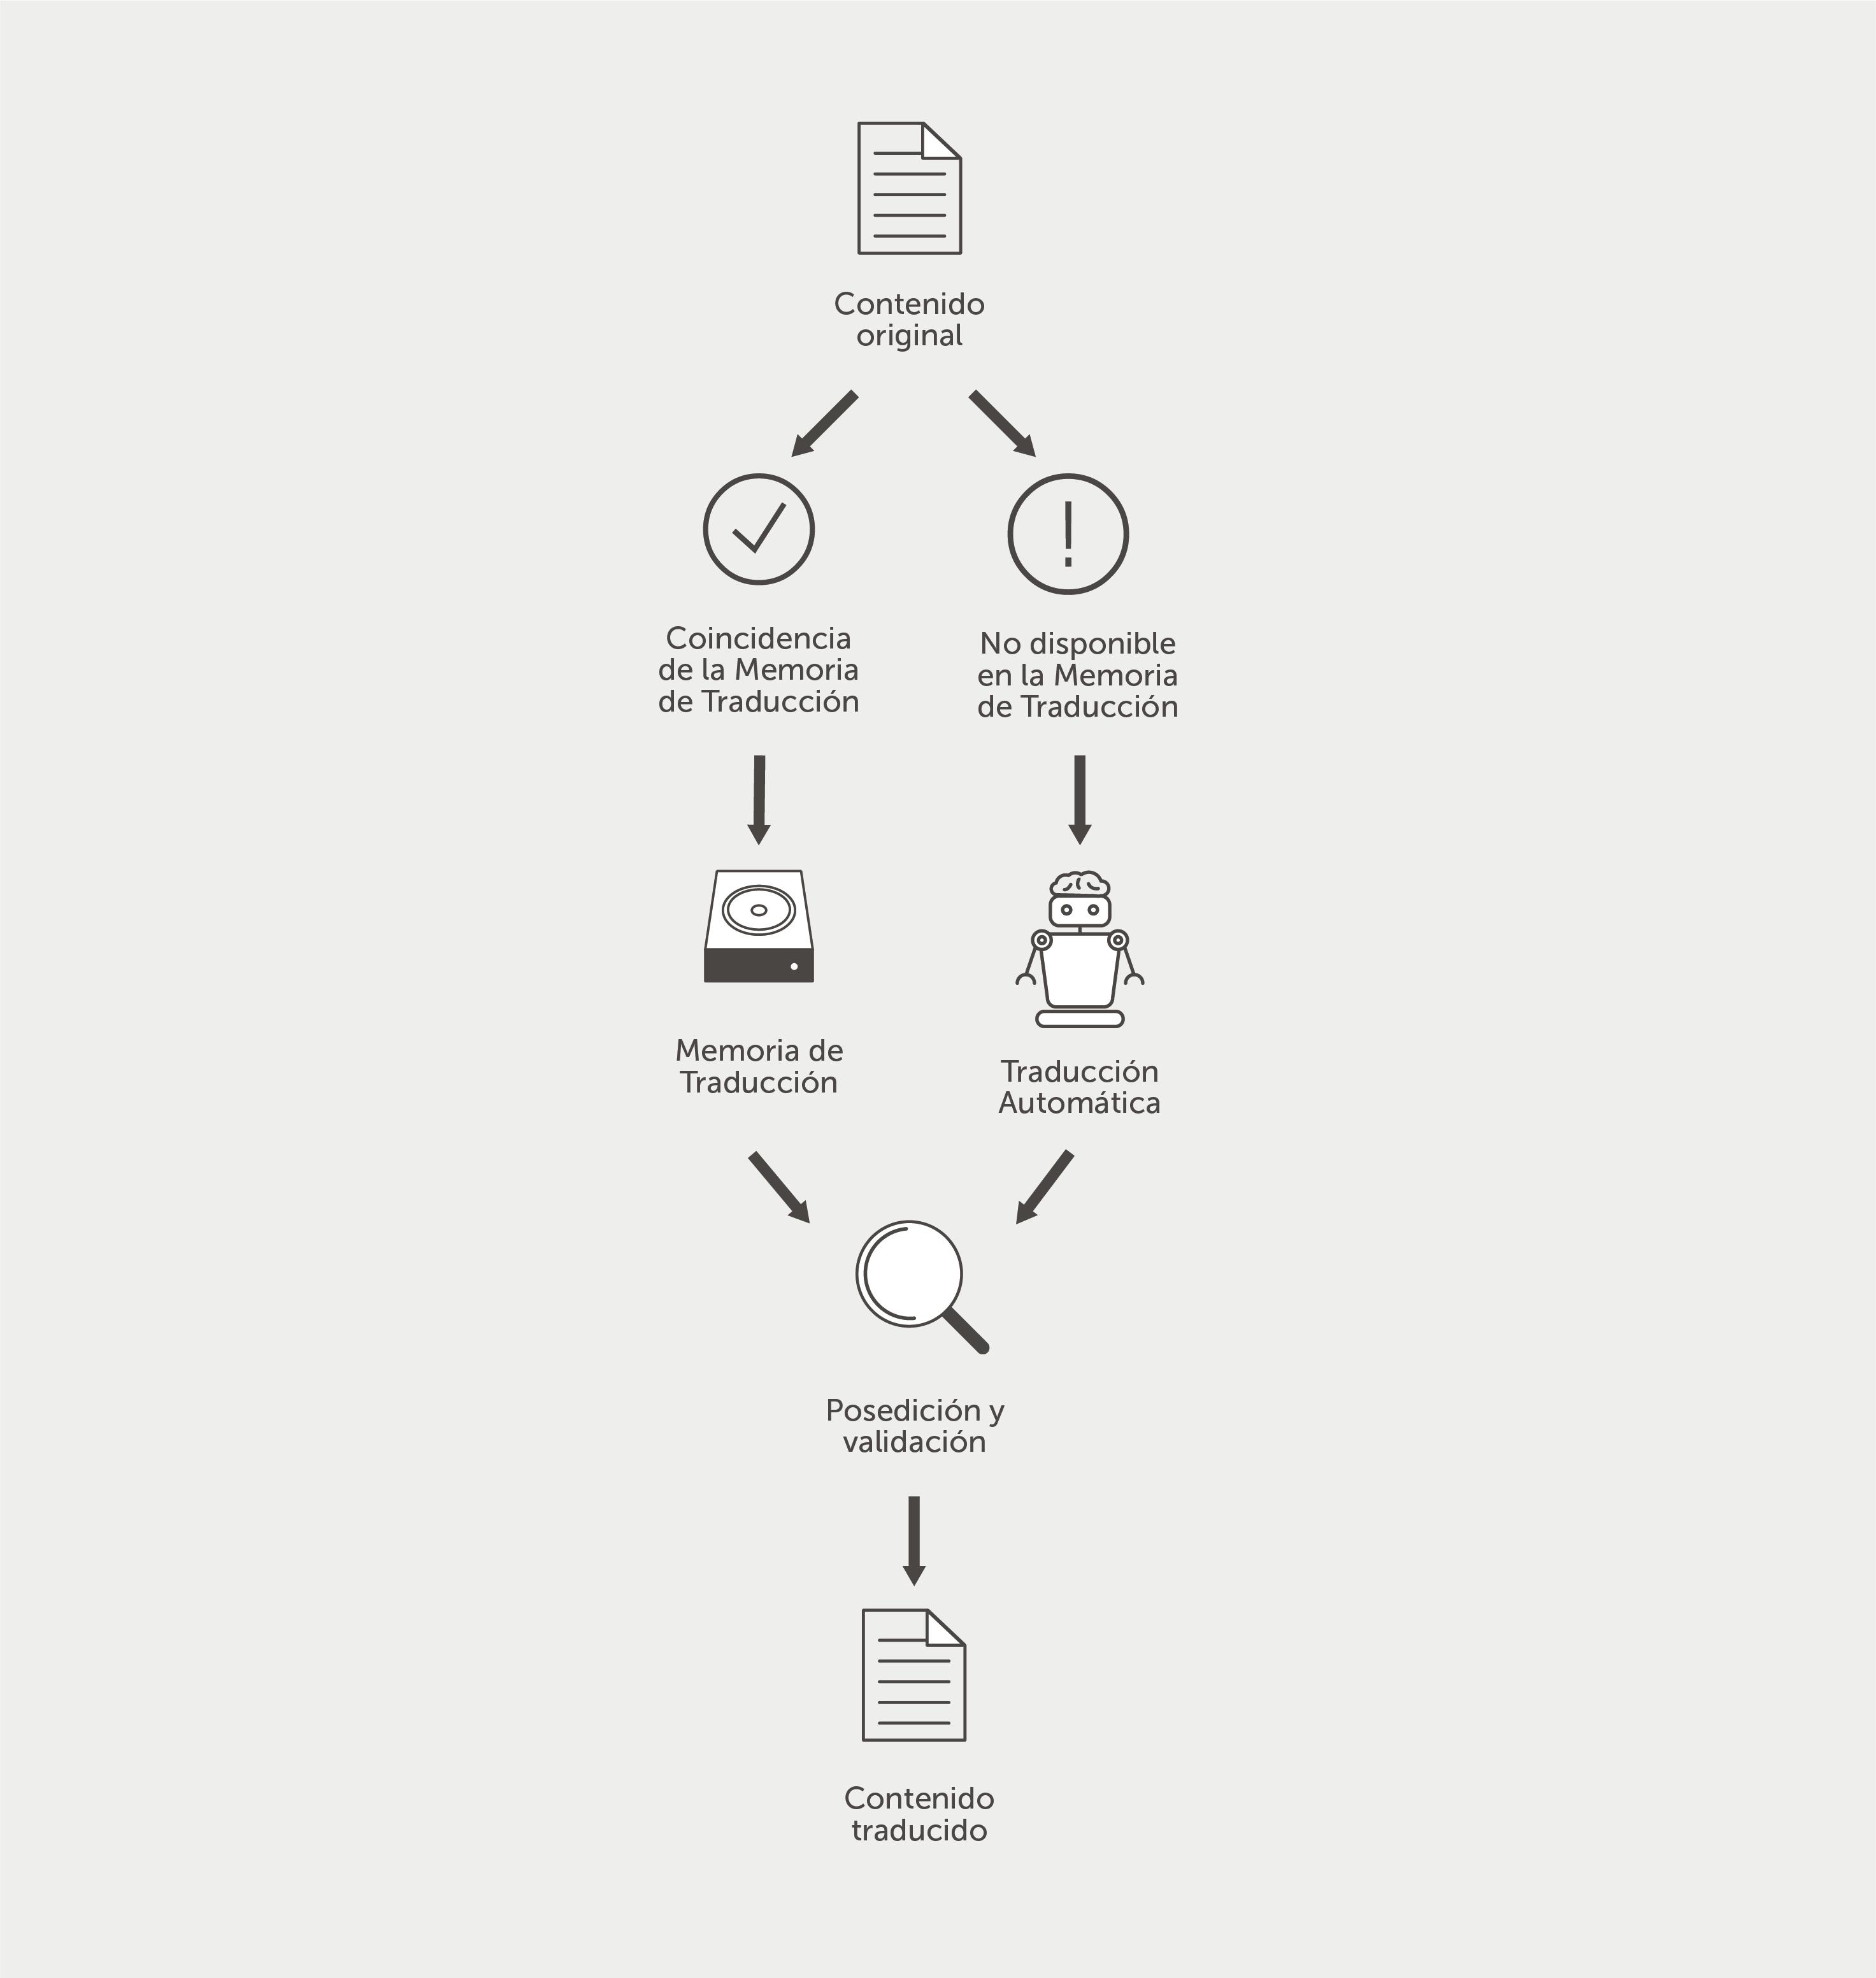 Proceso de traducción típico con TA